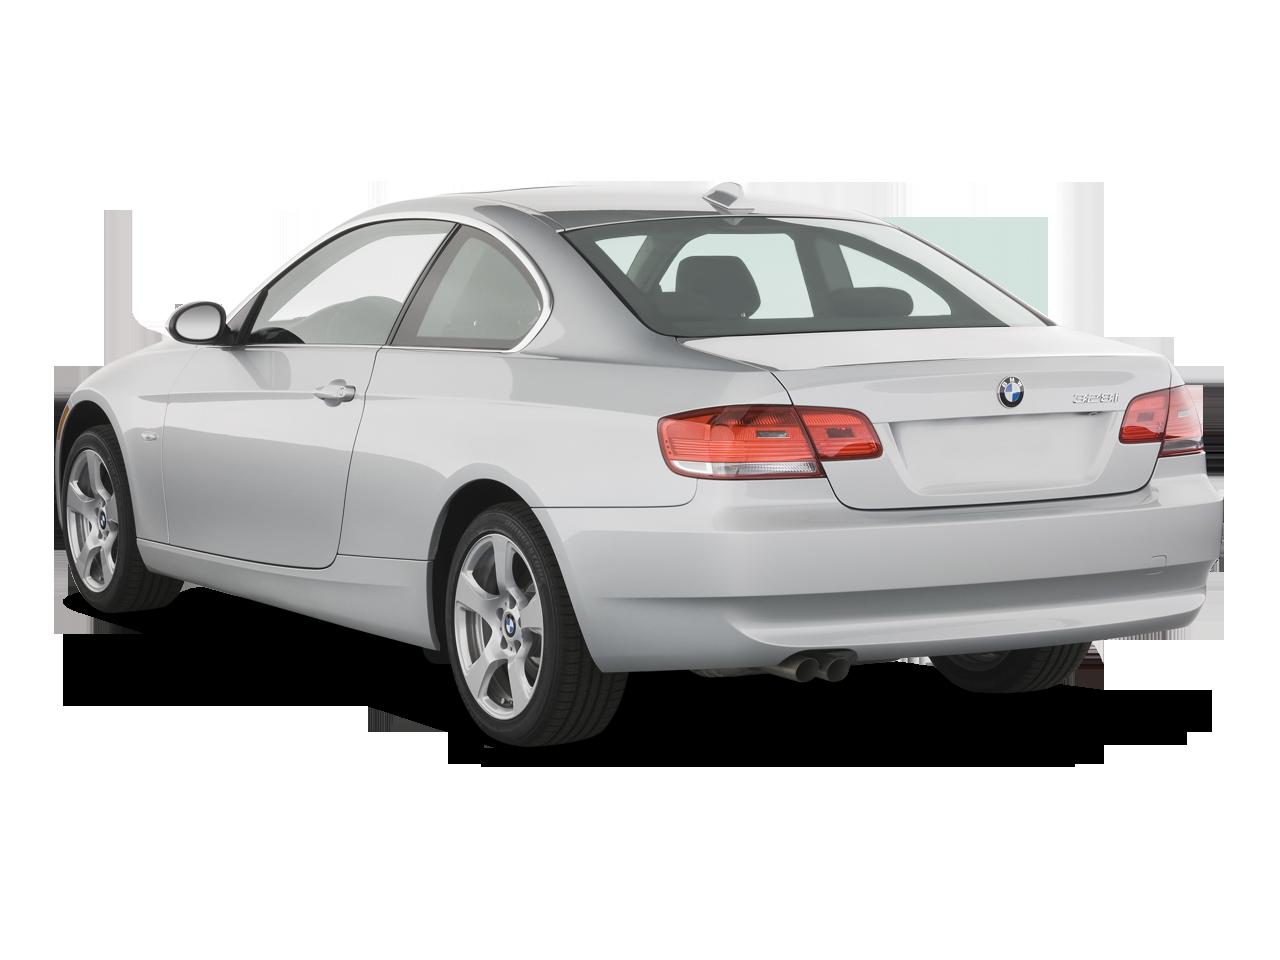 2009 BMW 328i xDrive Sports Wagon - BMW Luxury Wagon Review ...